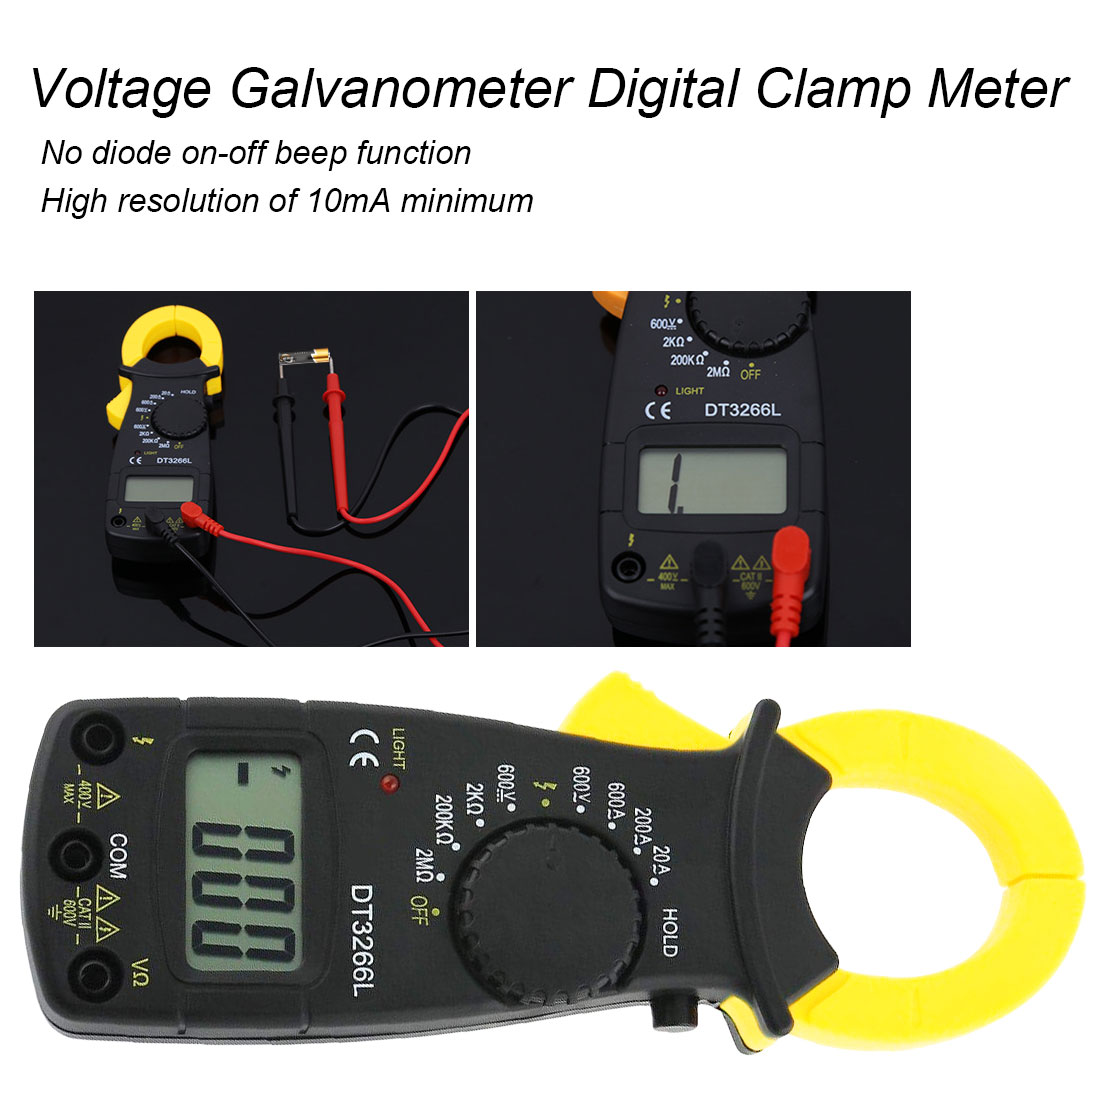 600A AC/DC ток Ома тестер напряжения цифровой Ампер клещи мультиметр токовый зажим клещи Вольтметр Амперметр